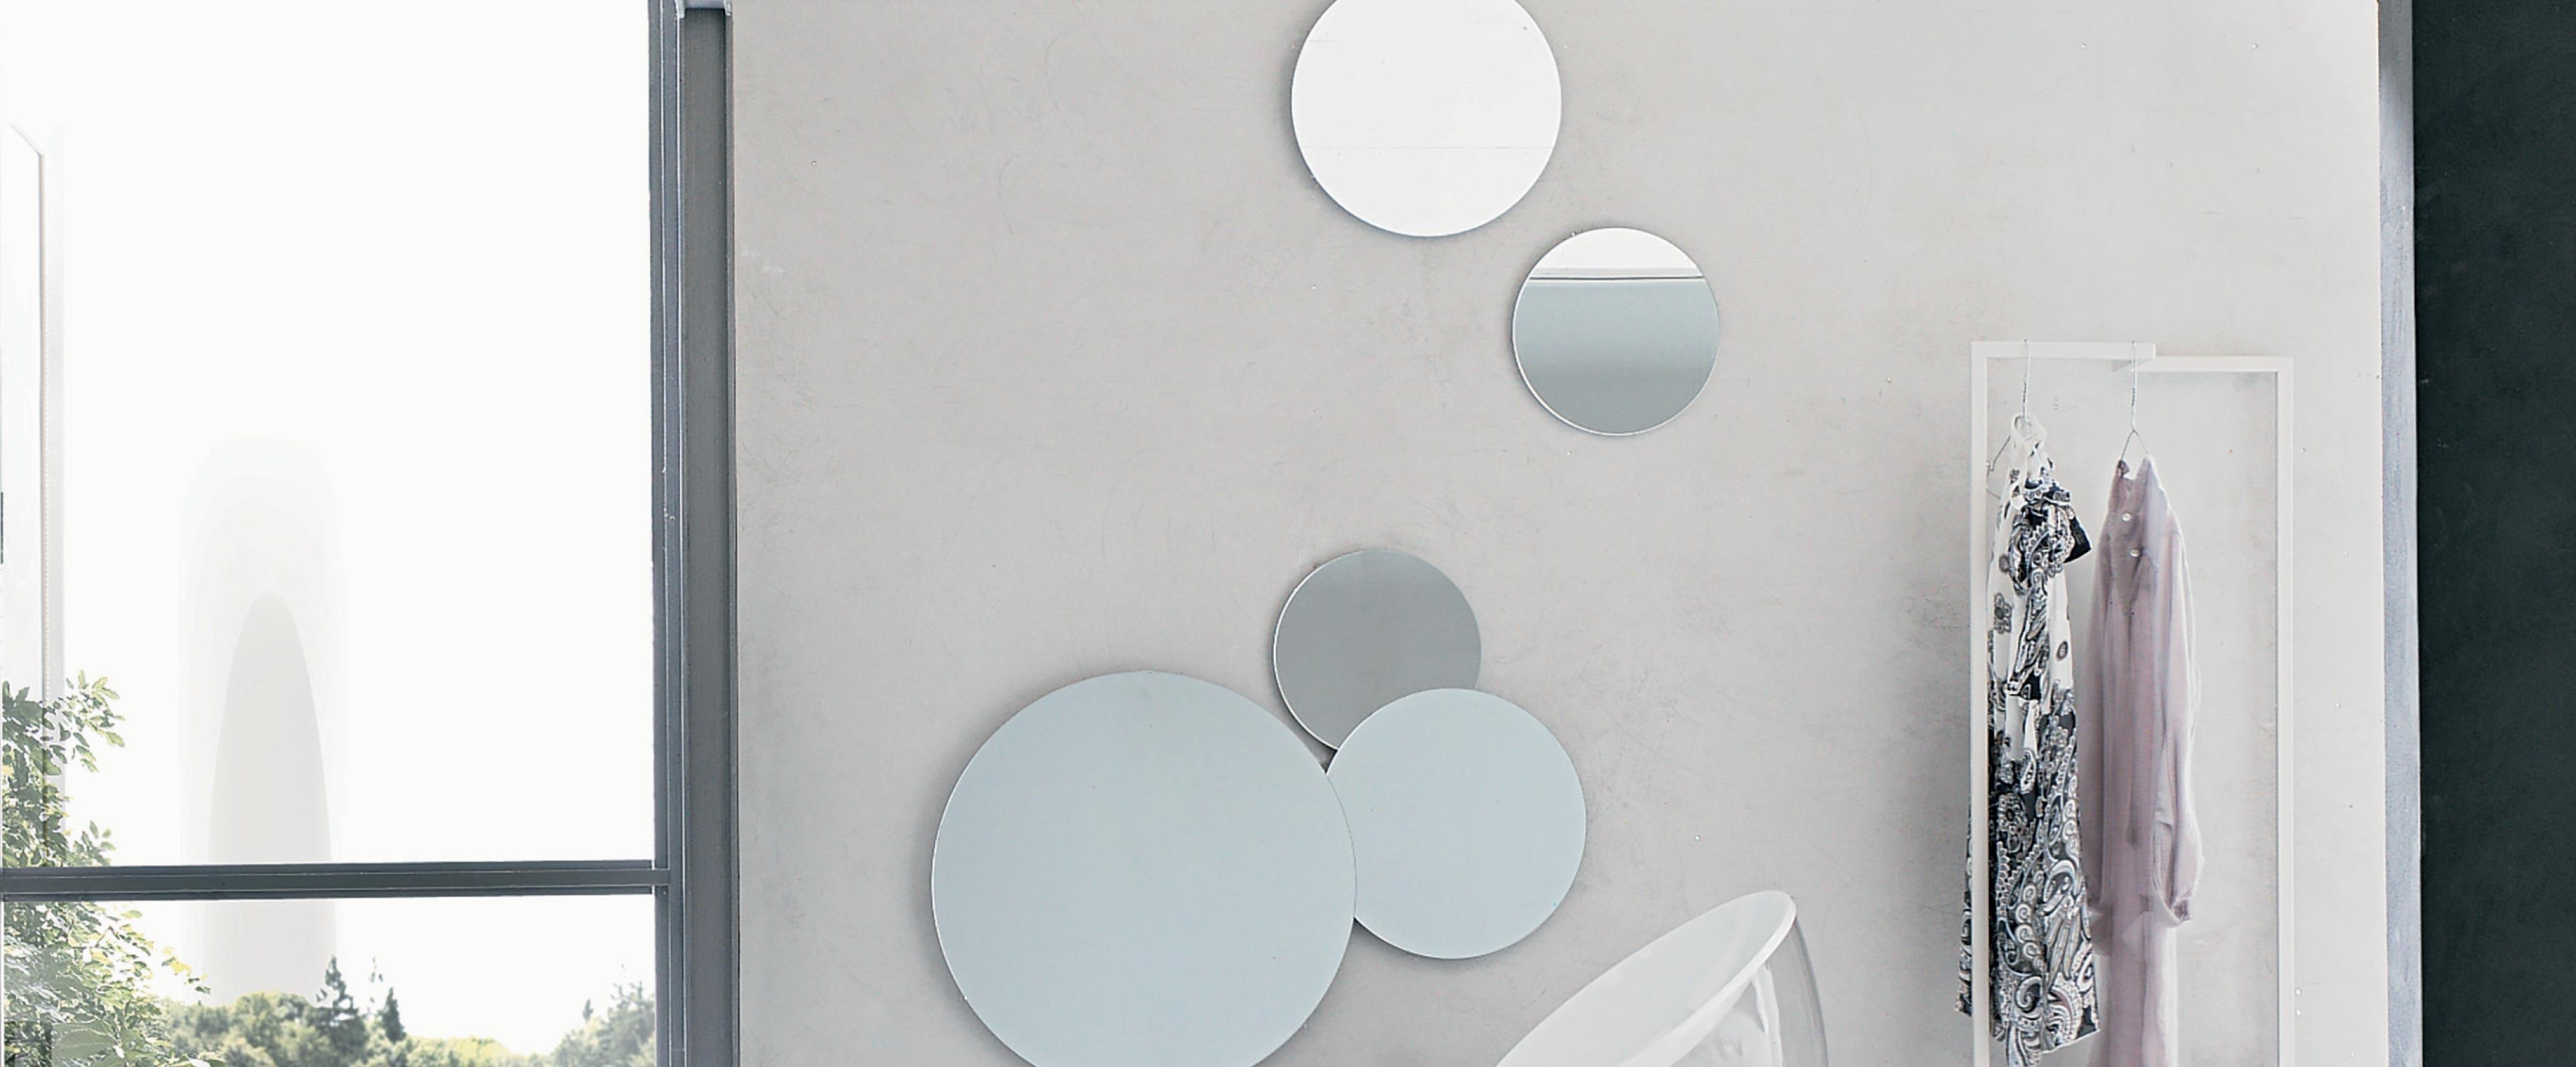 Specchio Bolle